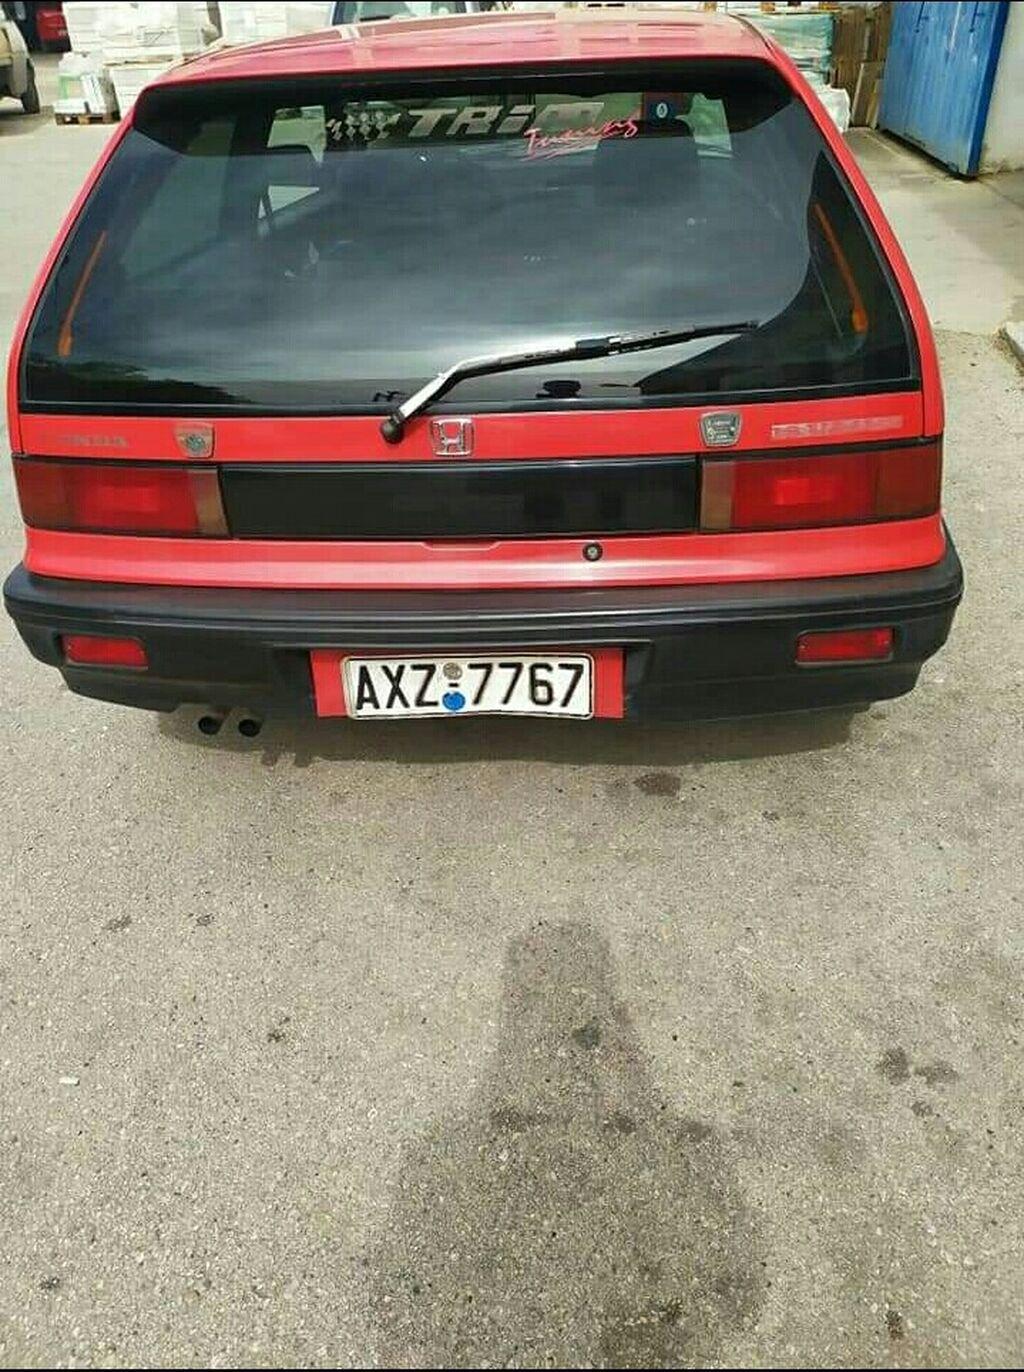 Honda - Αίγιο: Honda Civic 1.2 l. 1989 | 300000 km